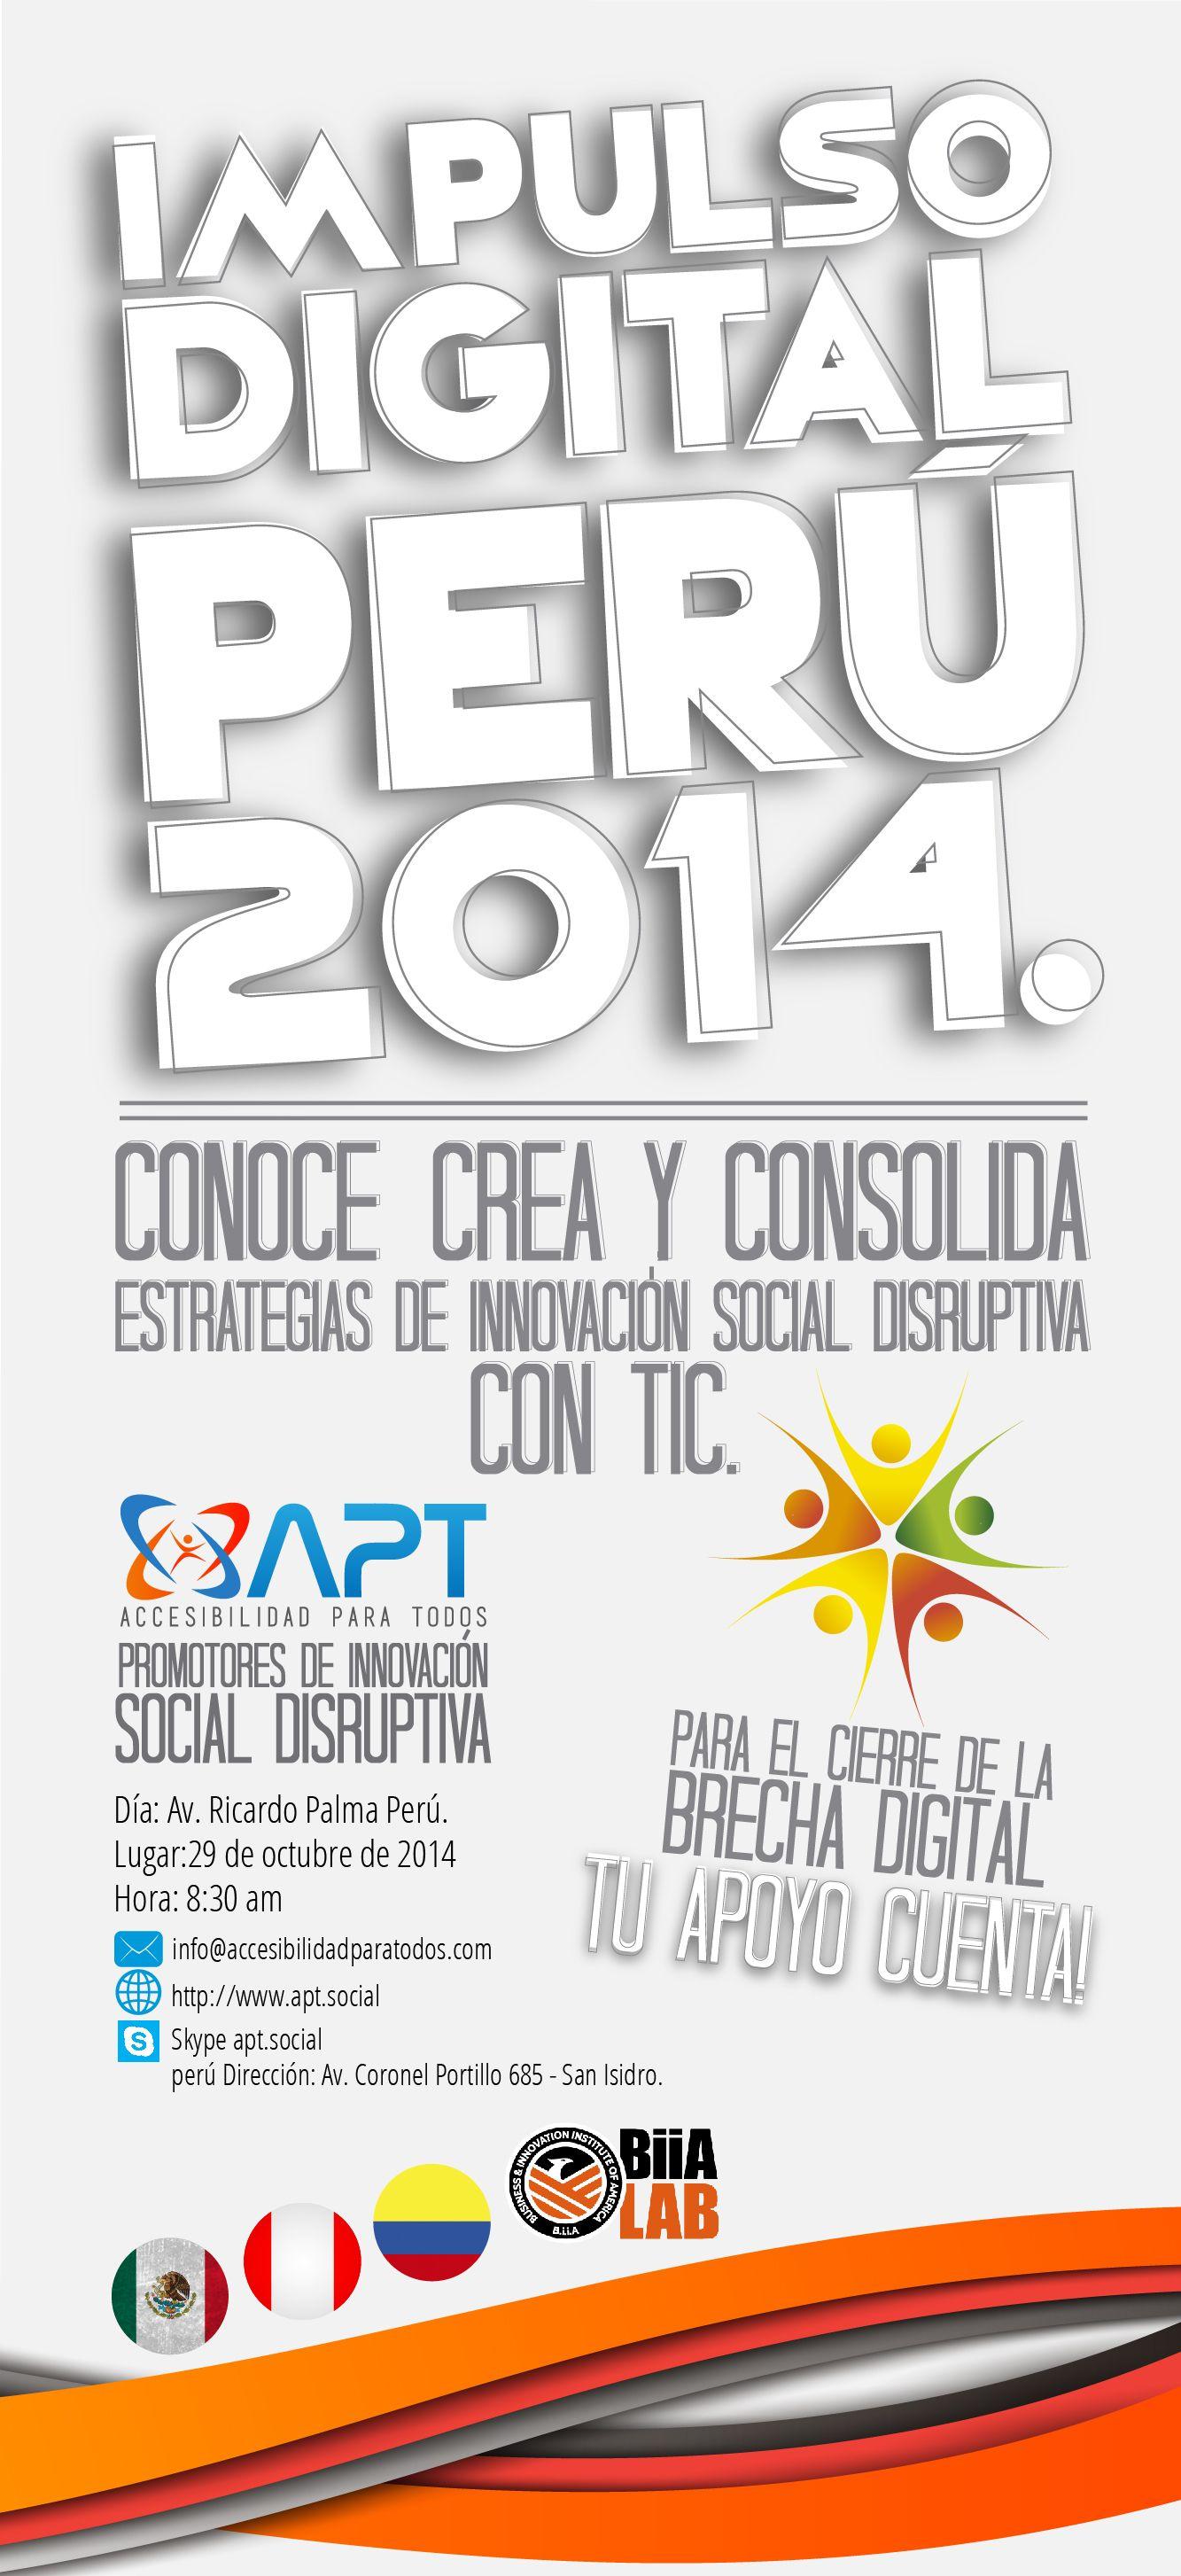 """Promotores de inclusión social ... se abren las inscripciones para el Seminario Internacional """"Impulso Digital 2014 Perú"""". Seras parte de un evento que apoya a las comunidades vulnerables y el desarrollo económico, educativo y social del país. Ingresa a: http://www.eventbrite.com/o/accesibilidad-para-todos-latinoamerica-7603966763."""